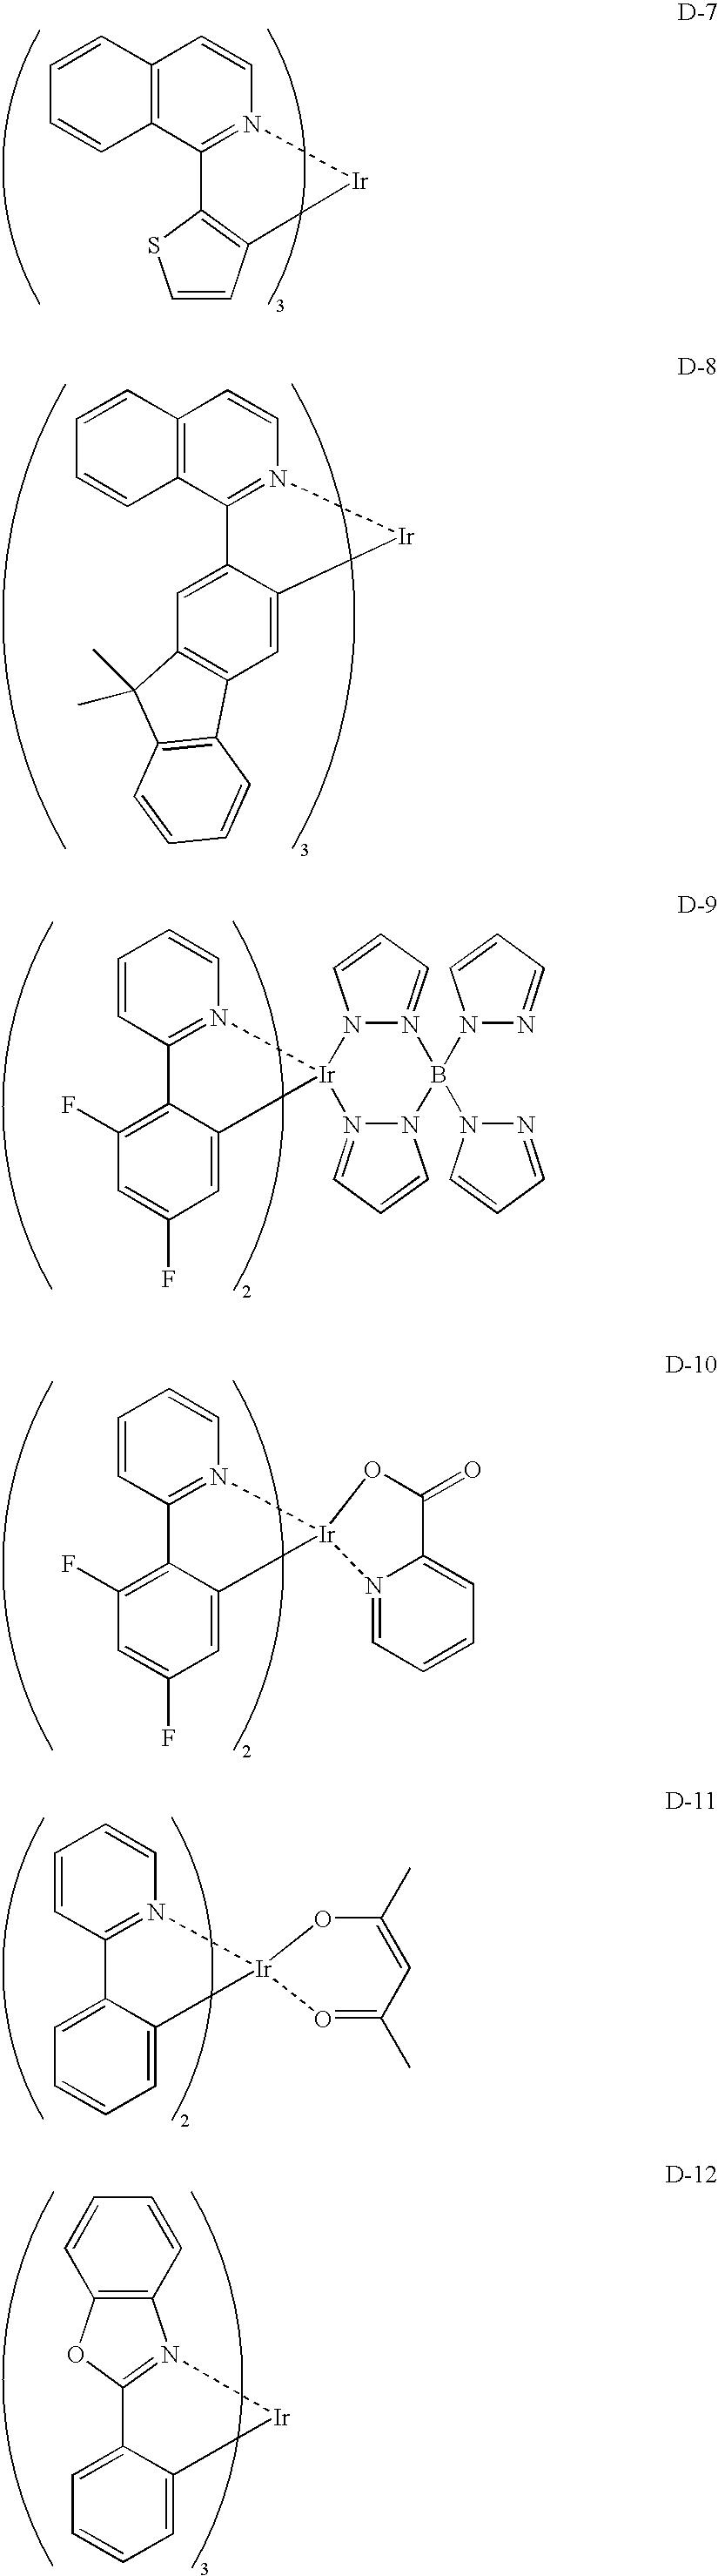 Figure US20060134464A1-20060622-C00030